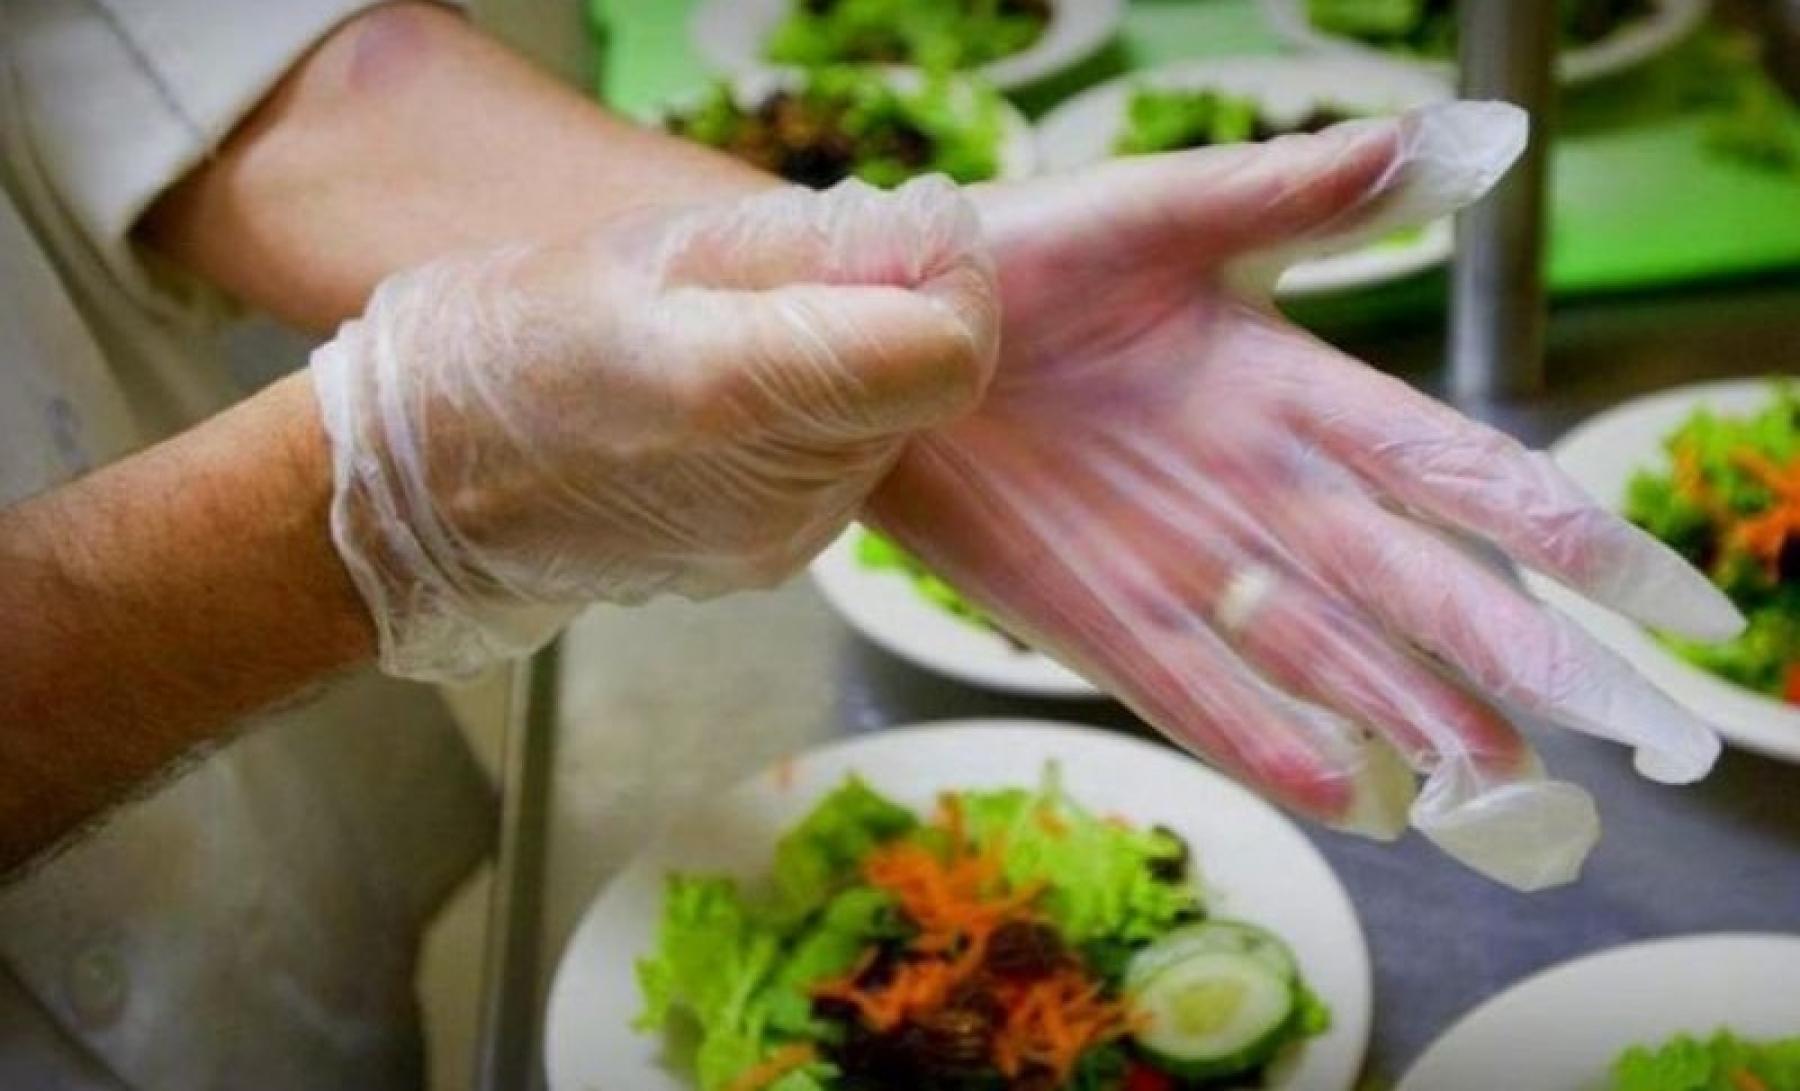 Resultado de imagen para manipulacion de alimentos